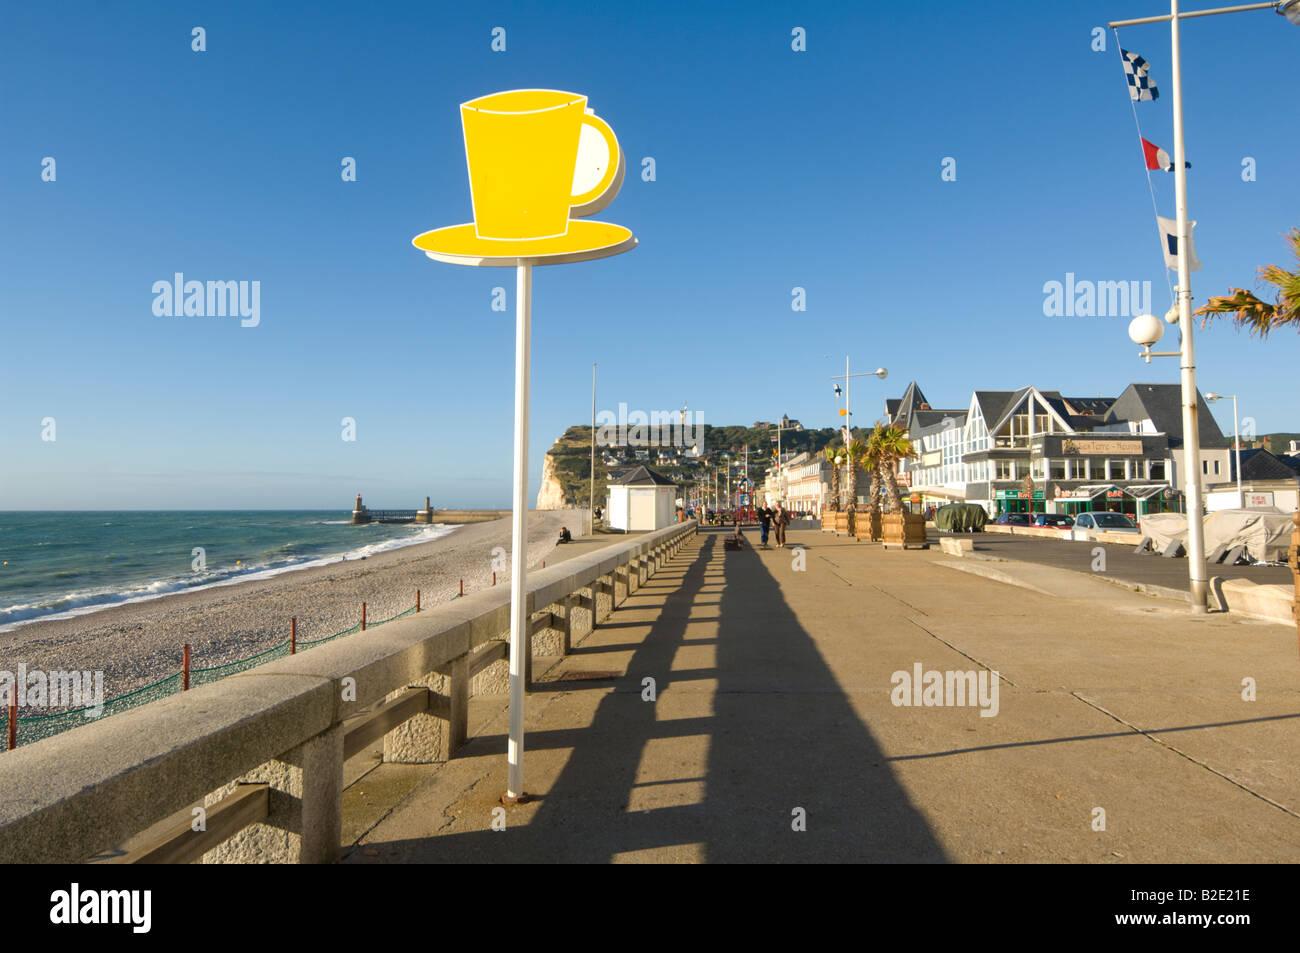 Fécamp et sa plage Promenade-de-fecamp-normandie-france-b2e21e